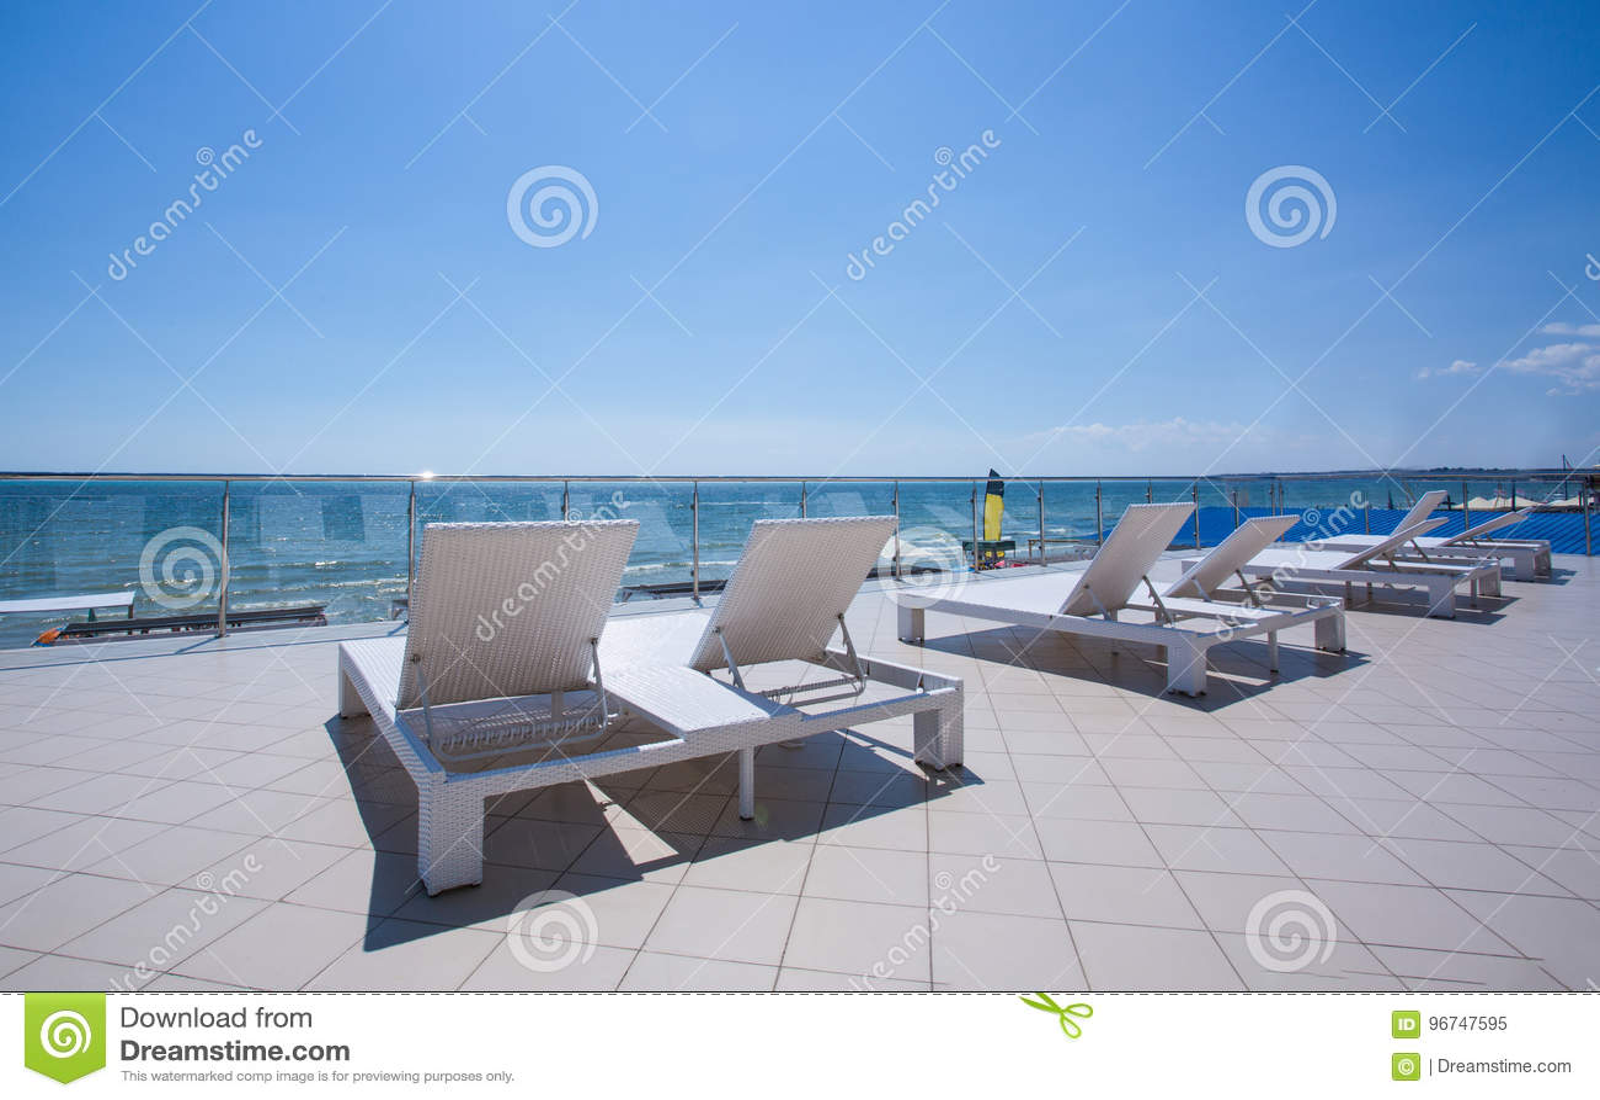 Muchos Sunbeds Blancos En El Balcón De Un Hotel De Lujo